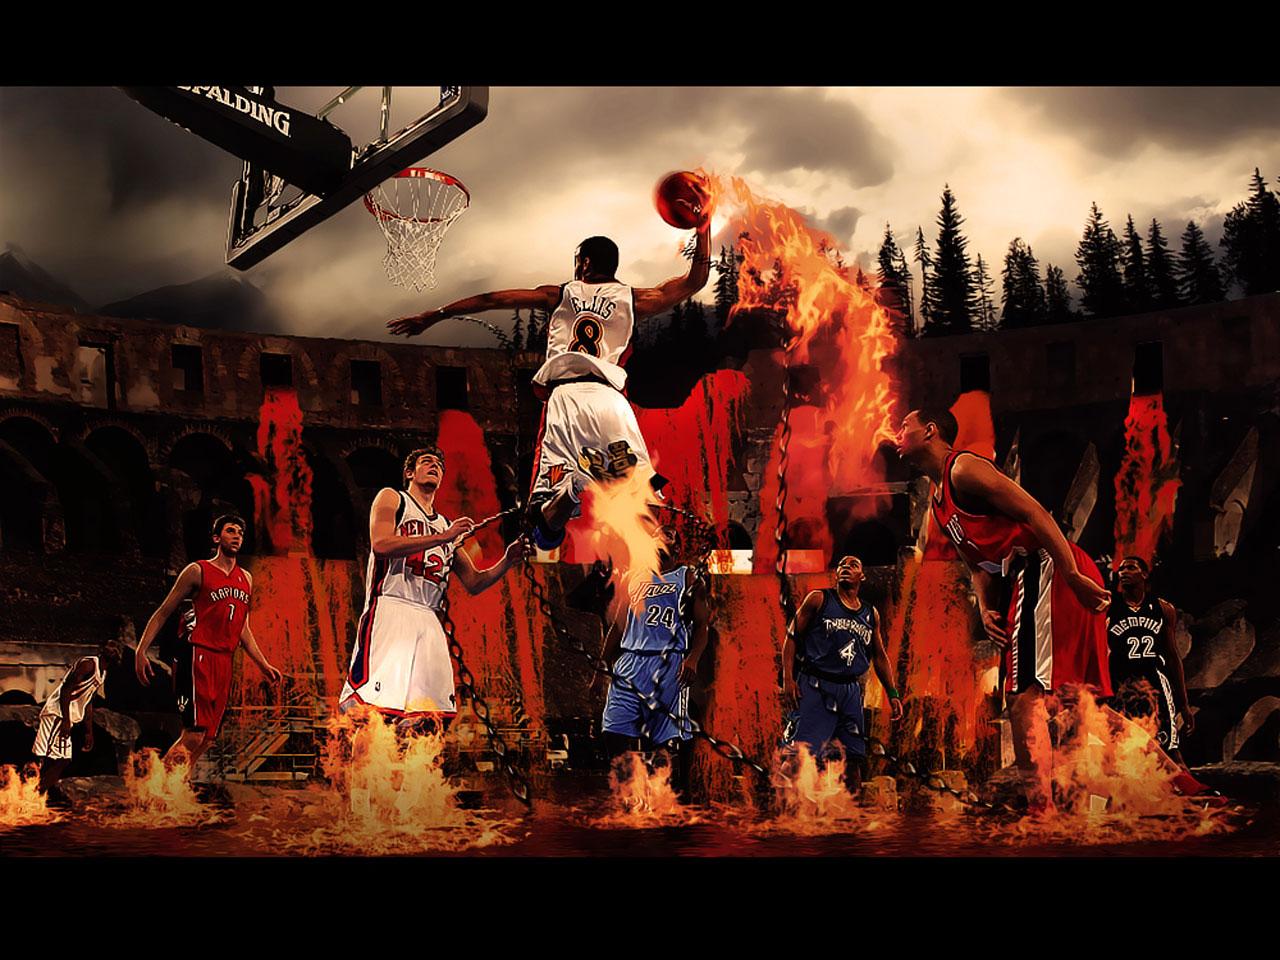 Flame Dunk Wallpaper Basketball Wallpapers at BasketWallpaperscom 1280x960